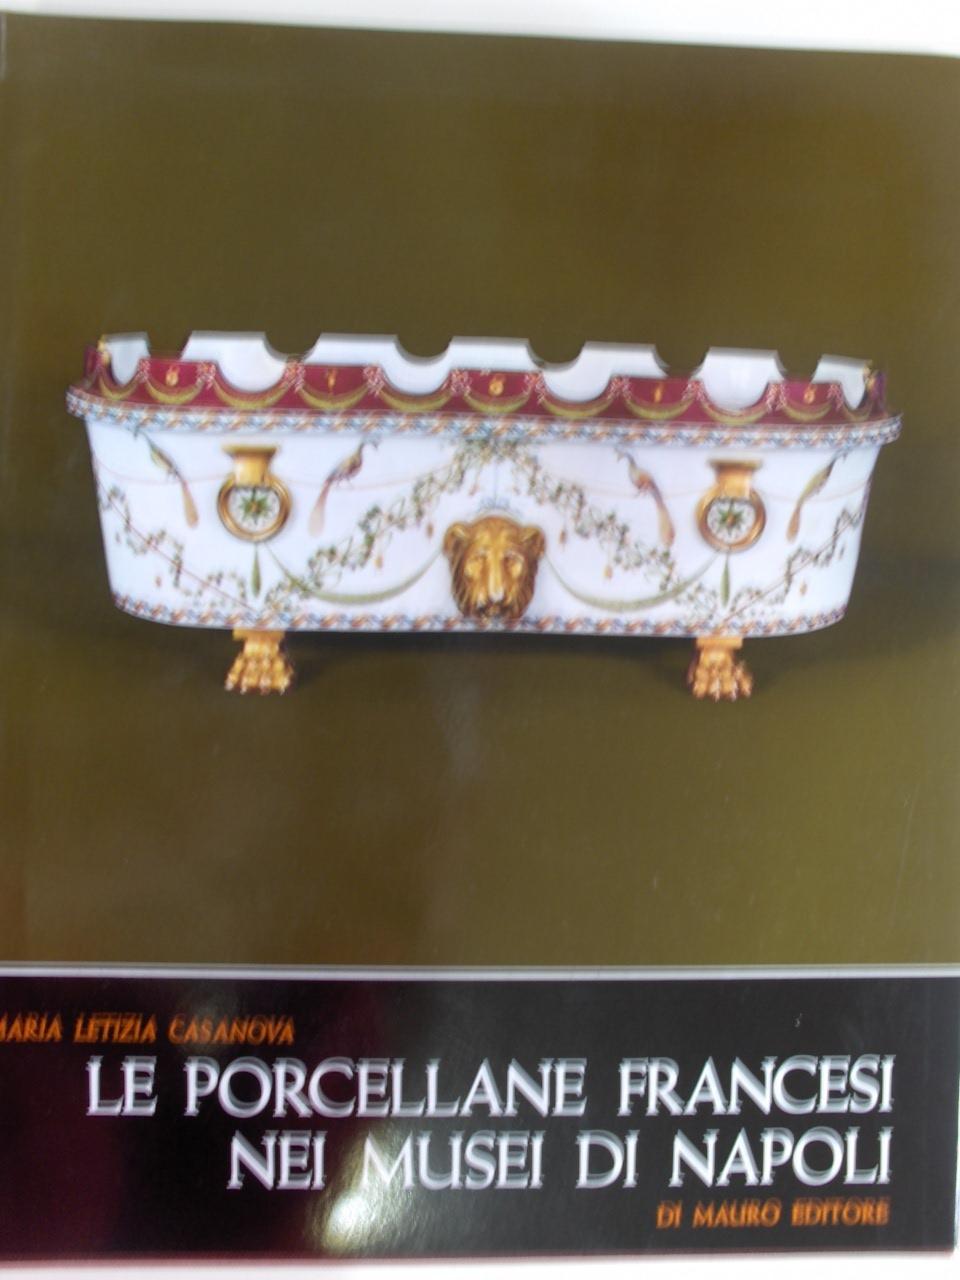 Le porcellane francesi nei musei di Napoli